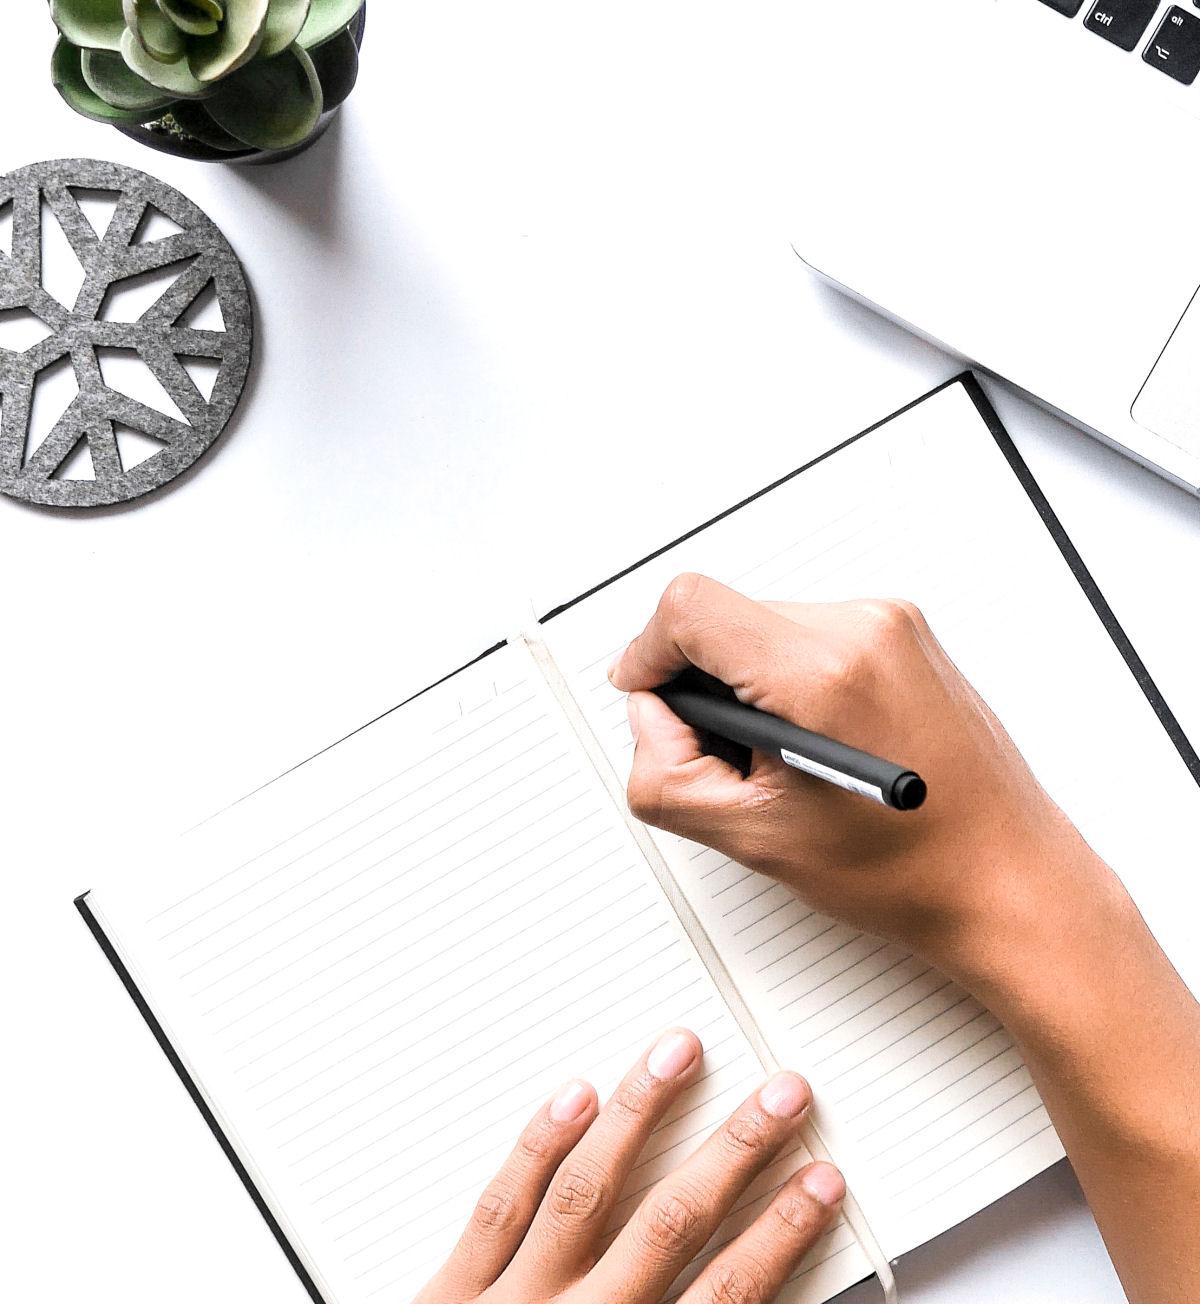 sierysuje.pl bujo bullet journal kreatywne planowanie